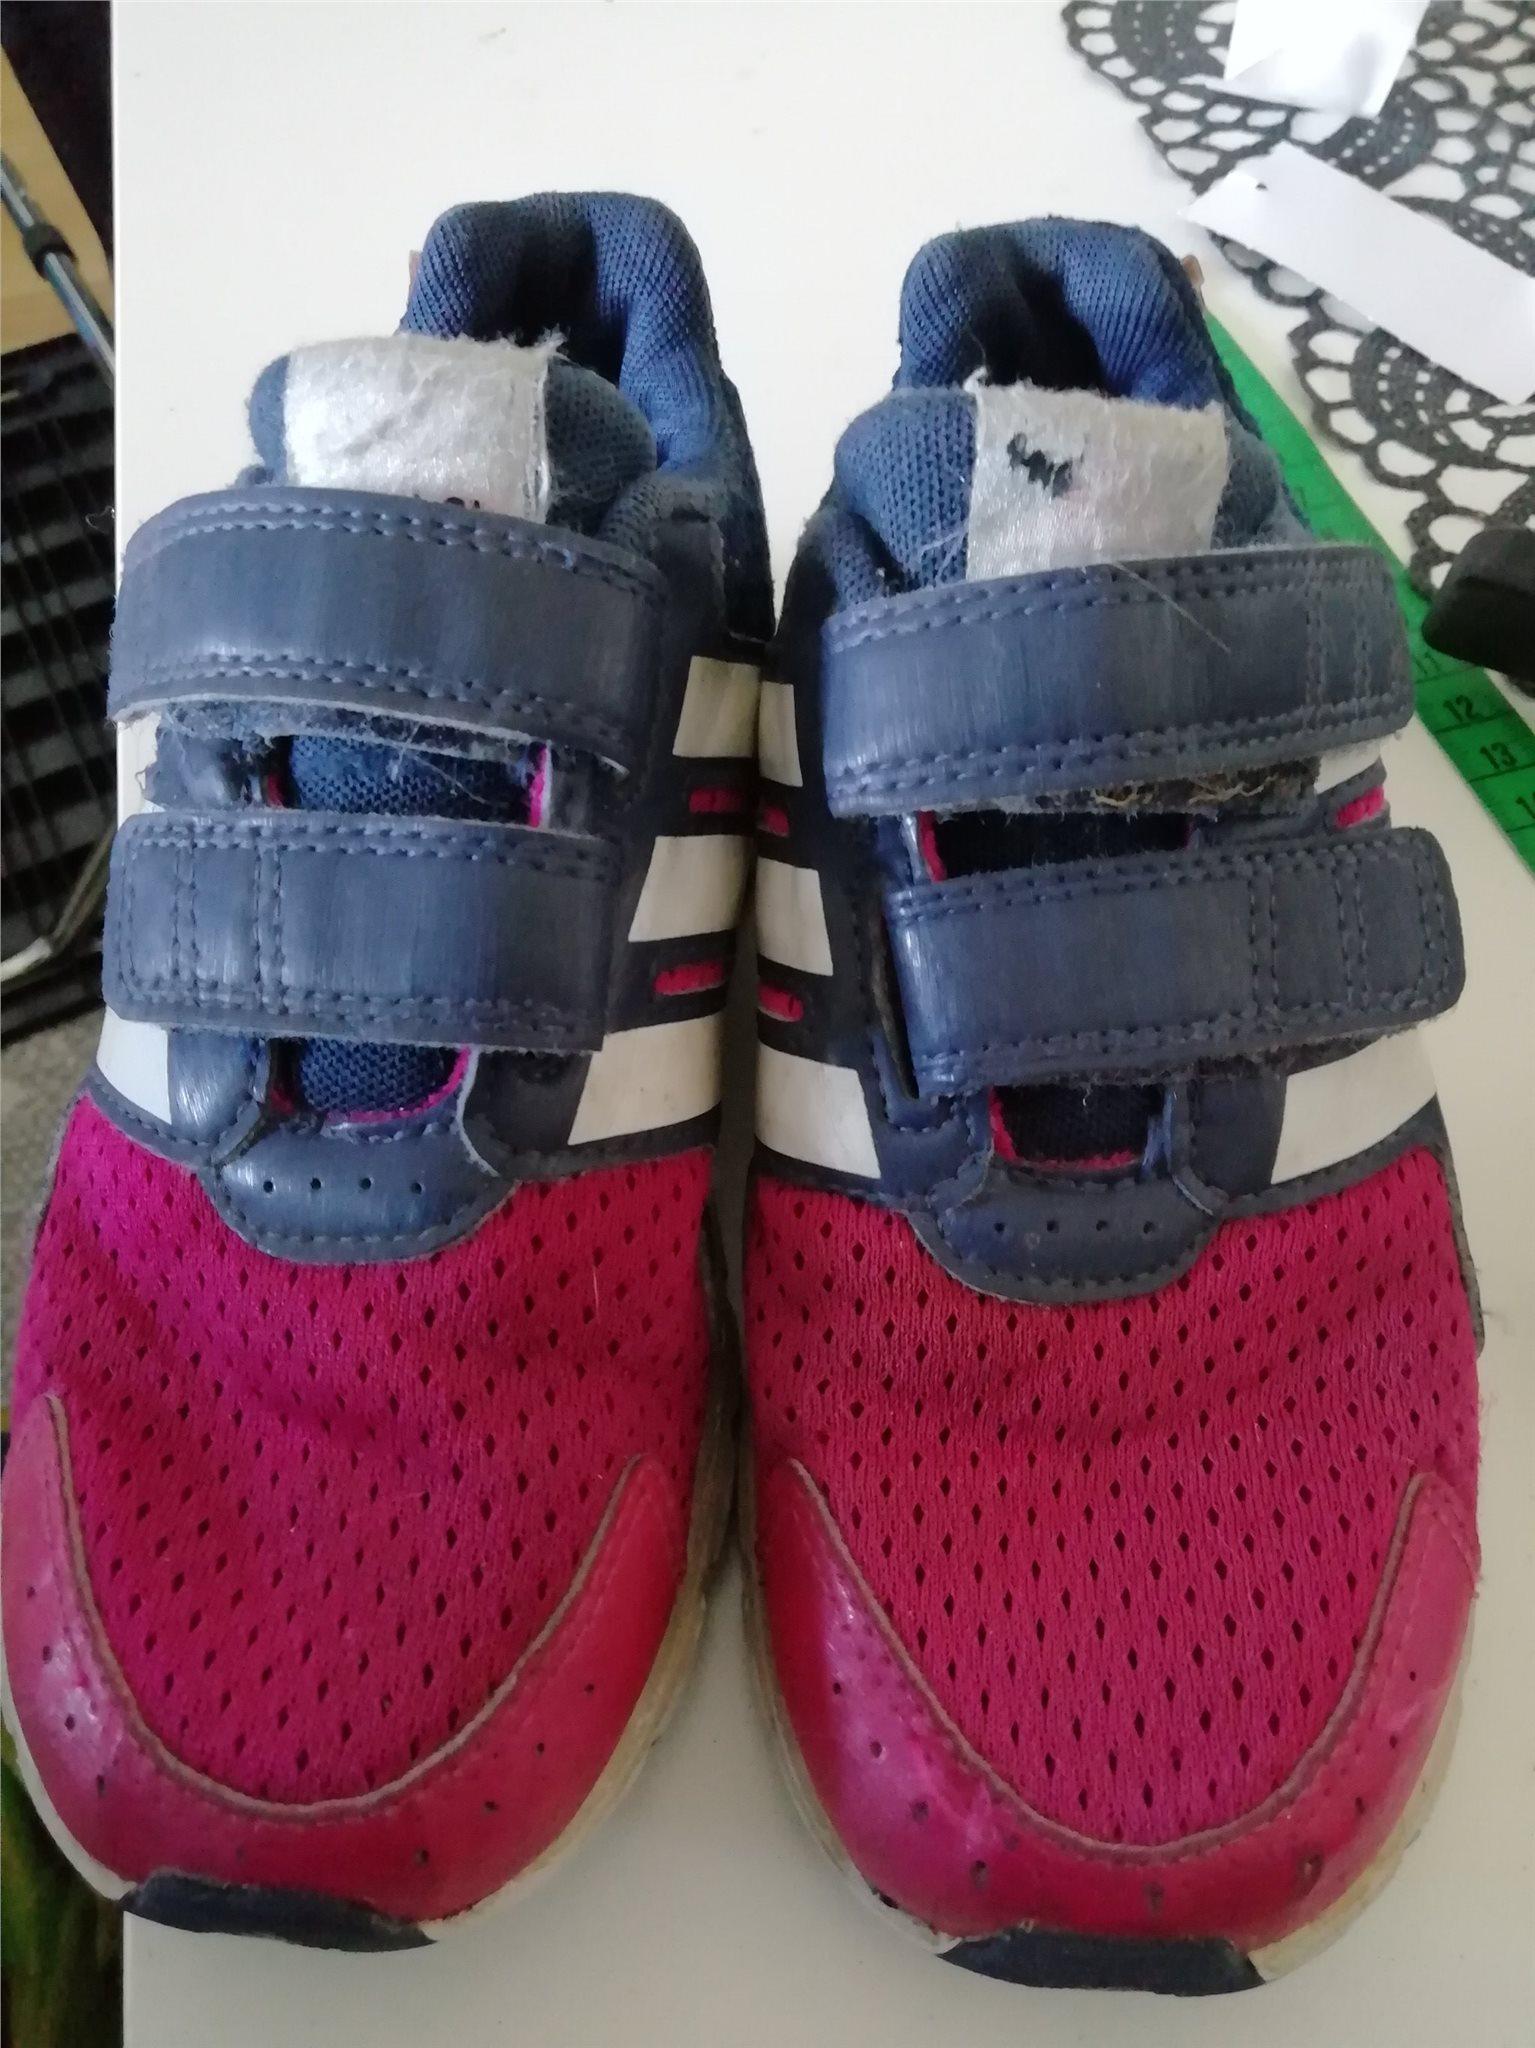 Skor i storlek 51 (US 17)  Grandshoes.se